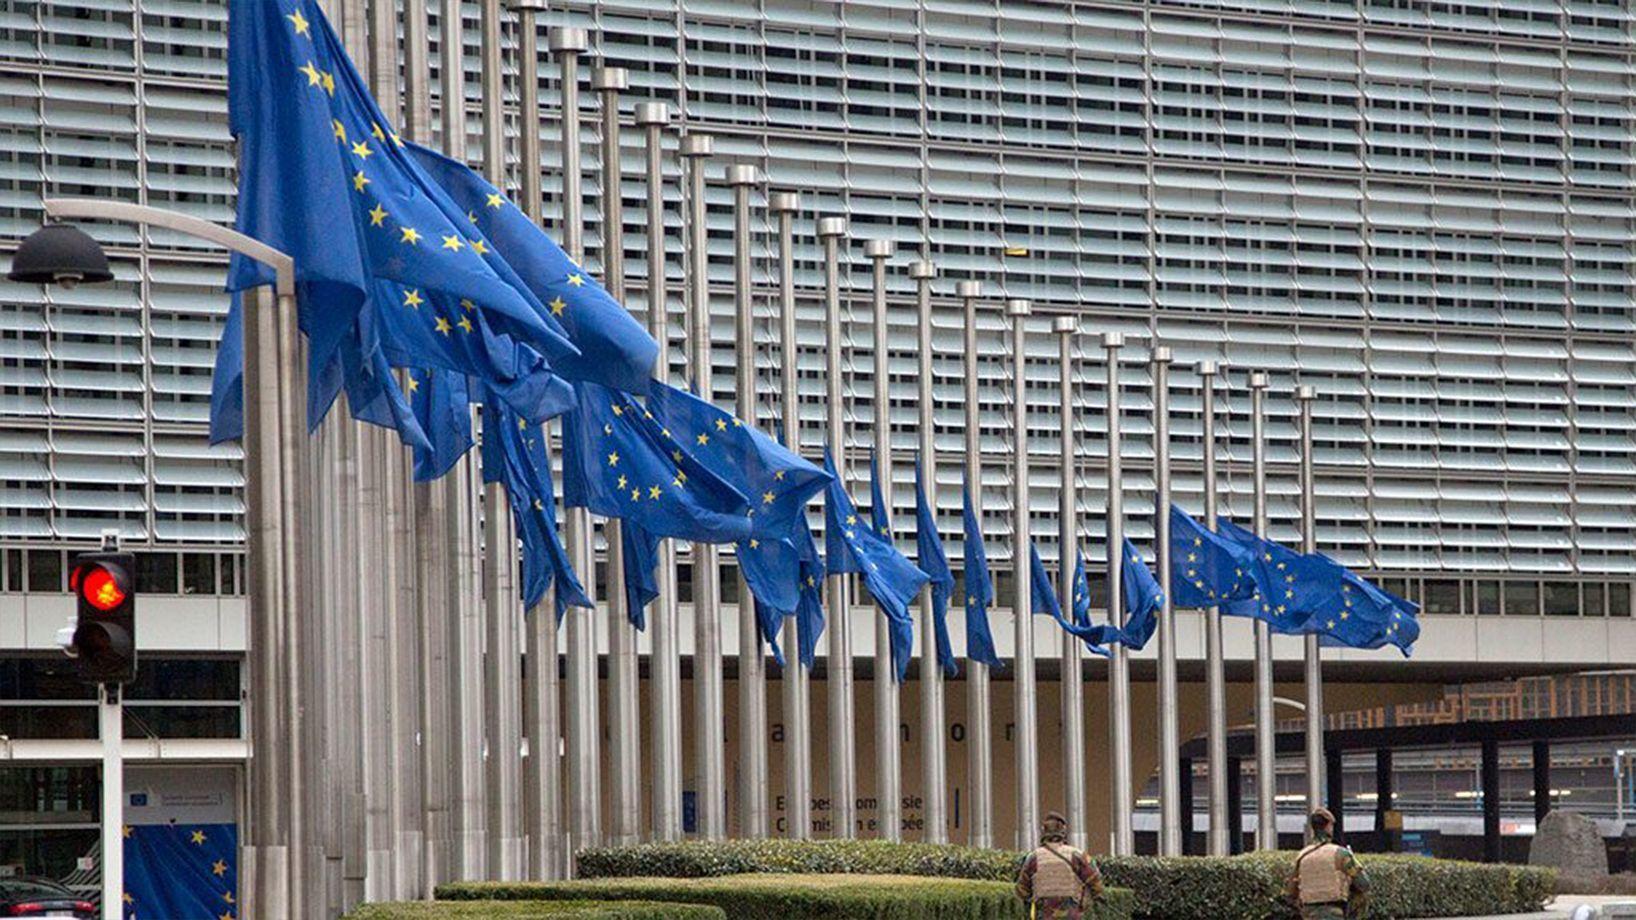 Вибори до Європарламенту: чому вони важливі для України та хто має шан